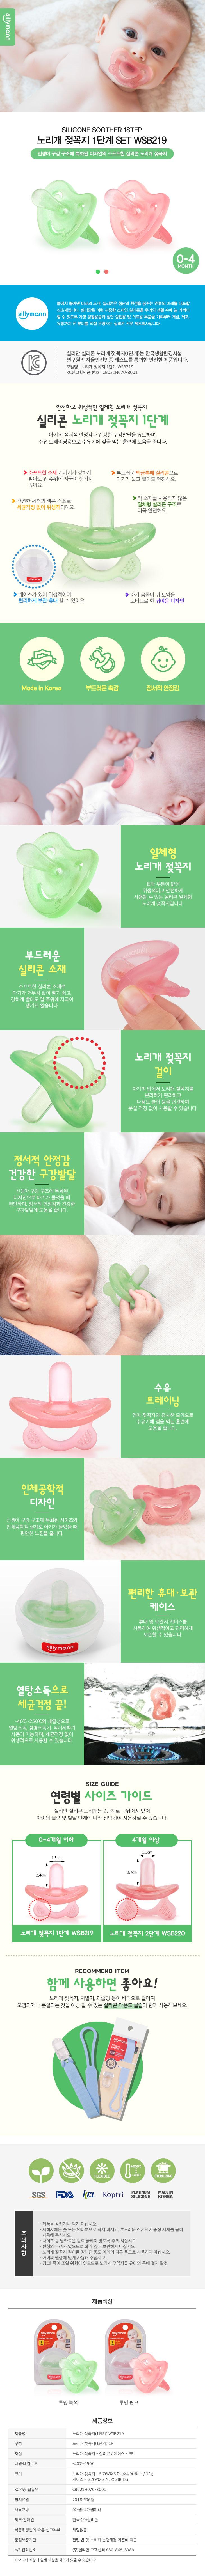 실리콘 노리개 젖꼭지(1단계) WSB219 - 실리만, 10,000원, 신생아용품, 젖병/젖꼭지